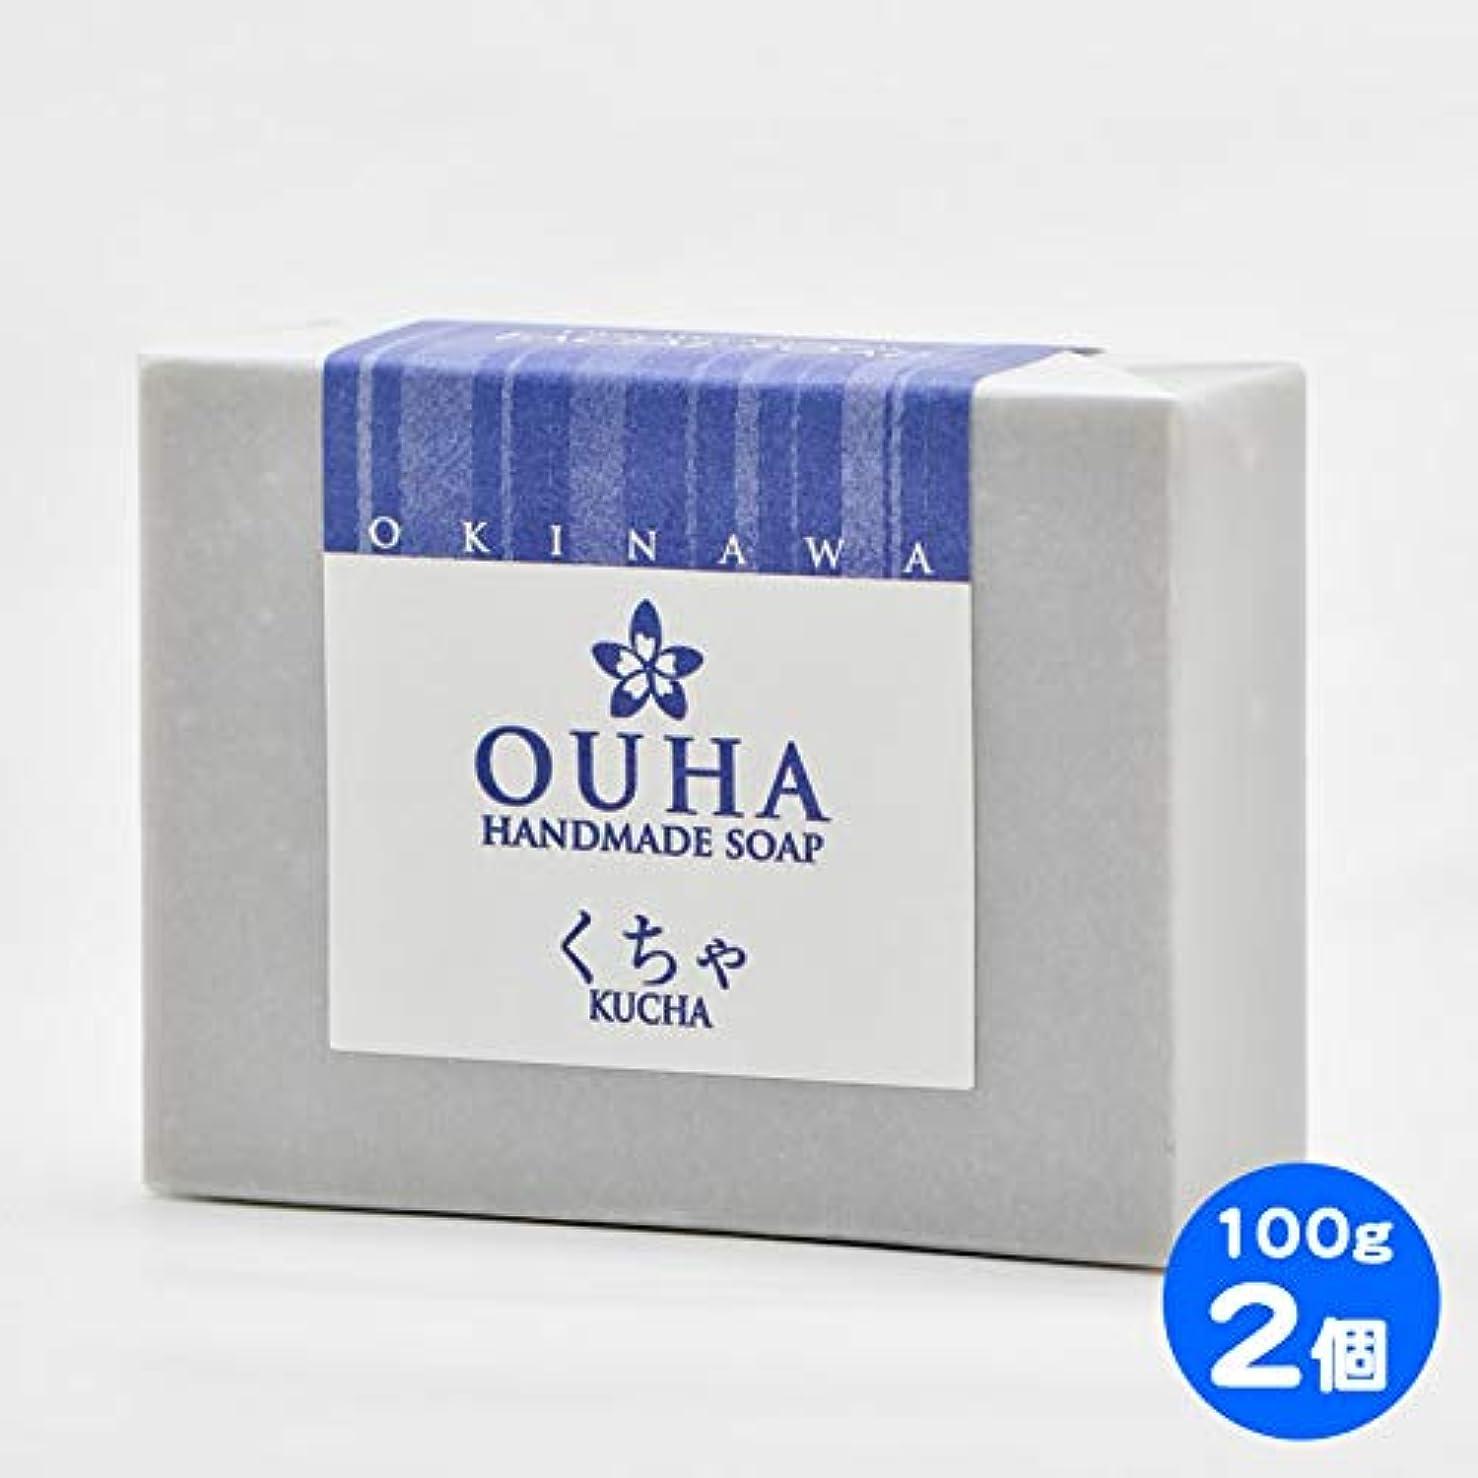 後ろ、背後、背面(部二年生とげのある【送料無料 レターパックライト】沖縄県産 OUHAソープ くちゃ 石鹸 100g 3個セット